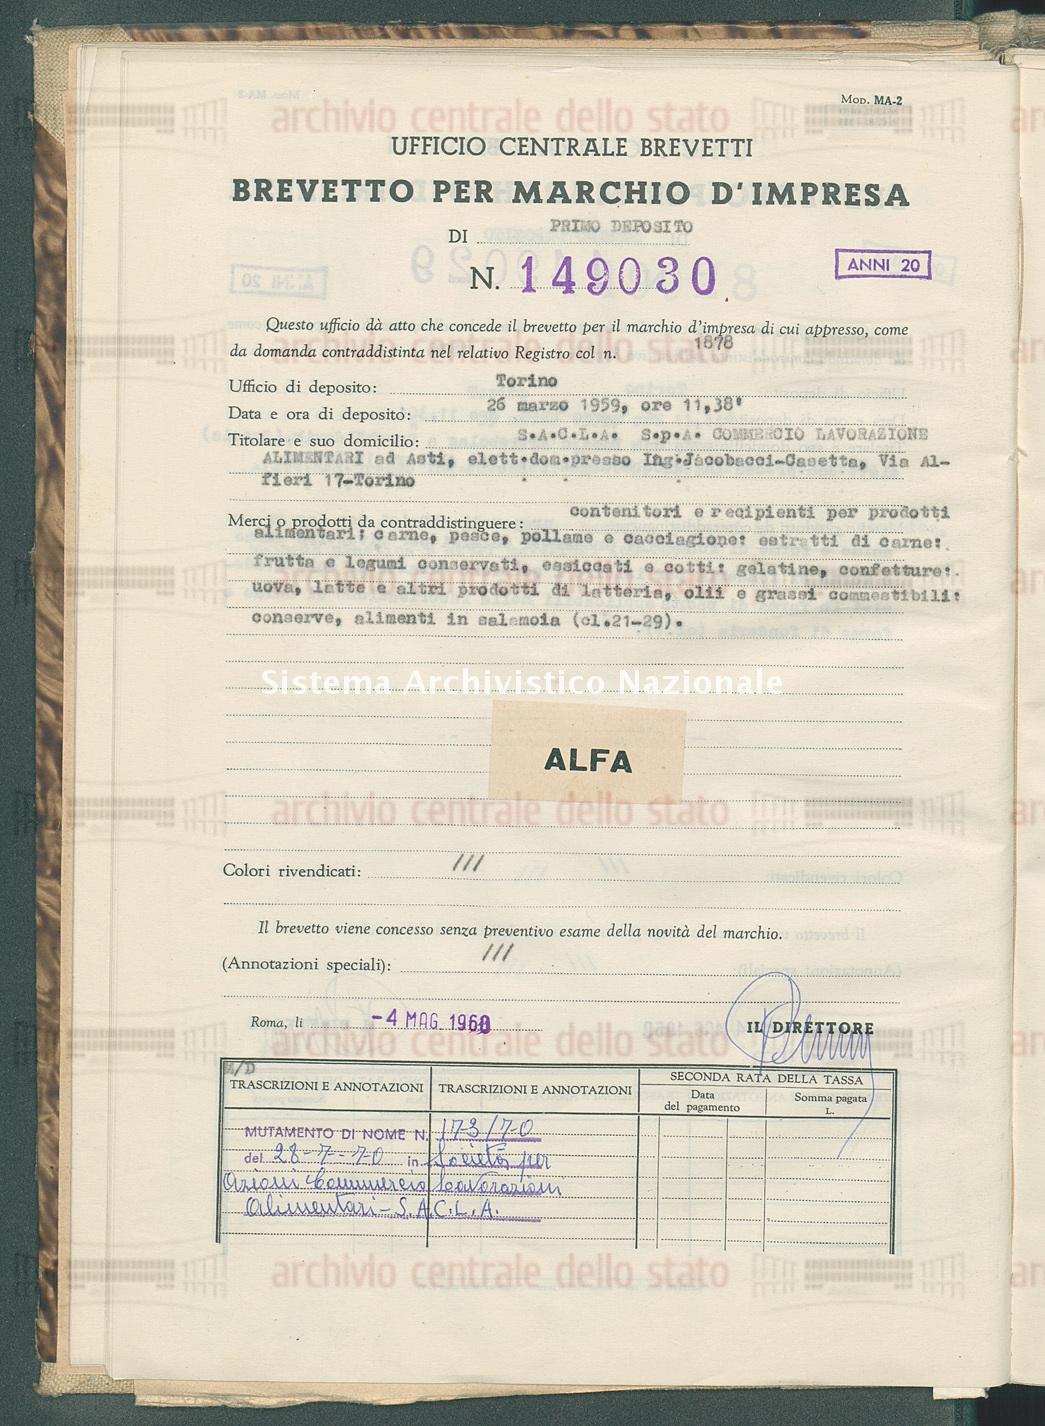 Contenitori e recipienti per ecc. S.A.C.L.A. S.P.A. Commercio Lavorazione Alimentari (04/05/1960)